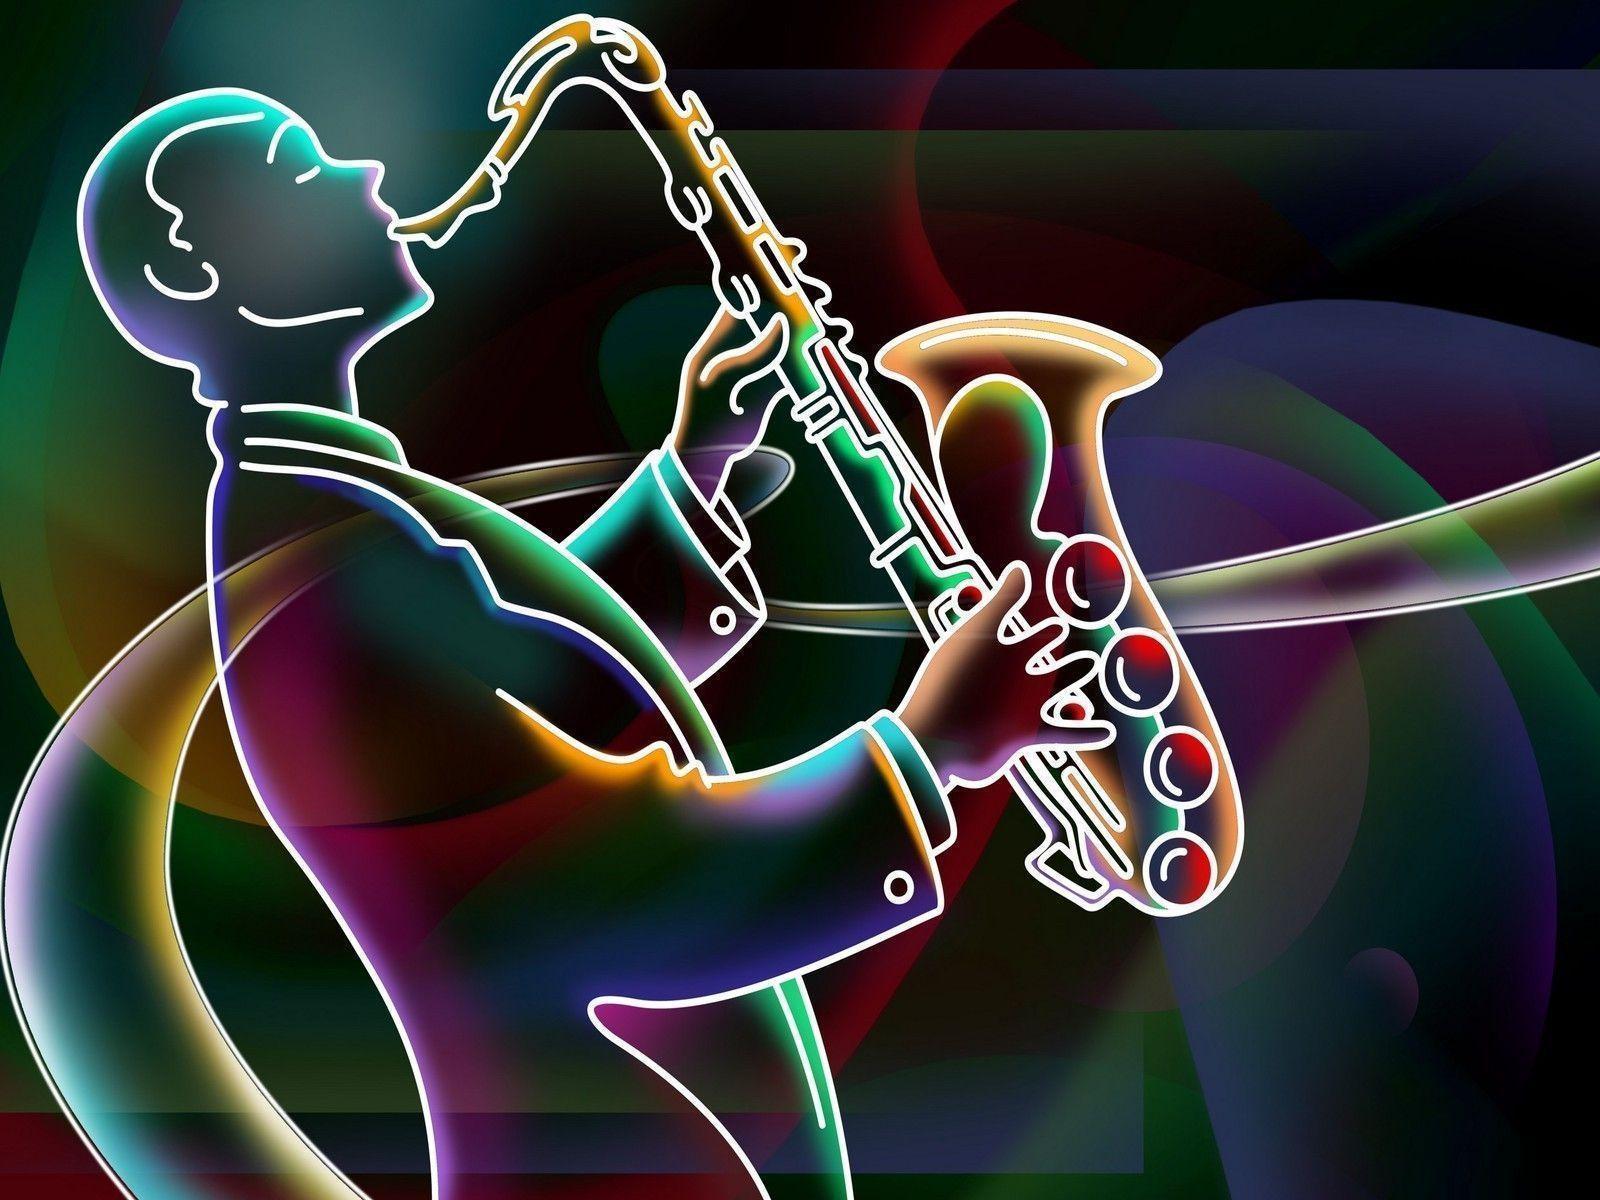 Jazz in Neon - Jazz Wallpaper (18994784) - Fanpop